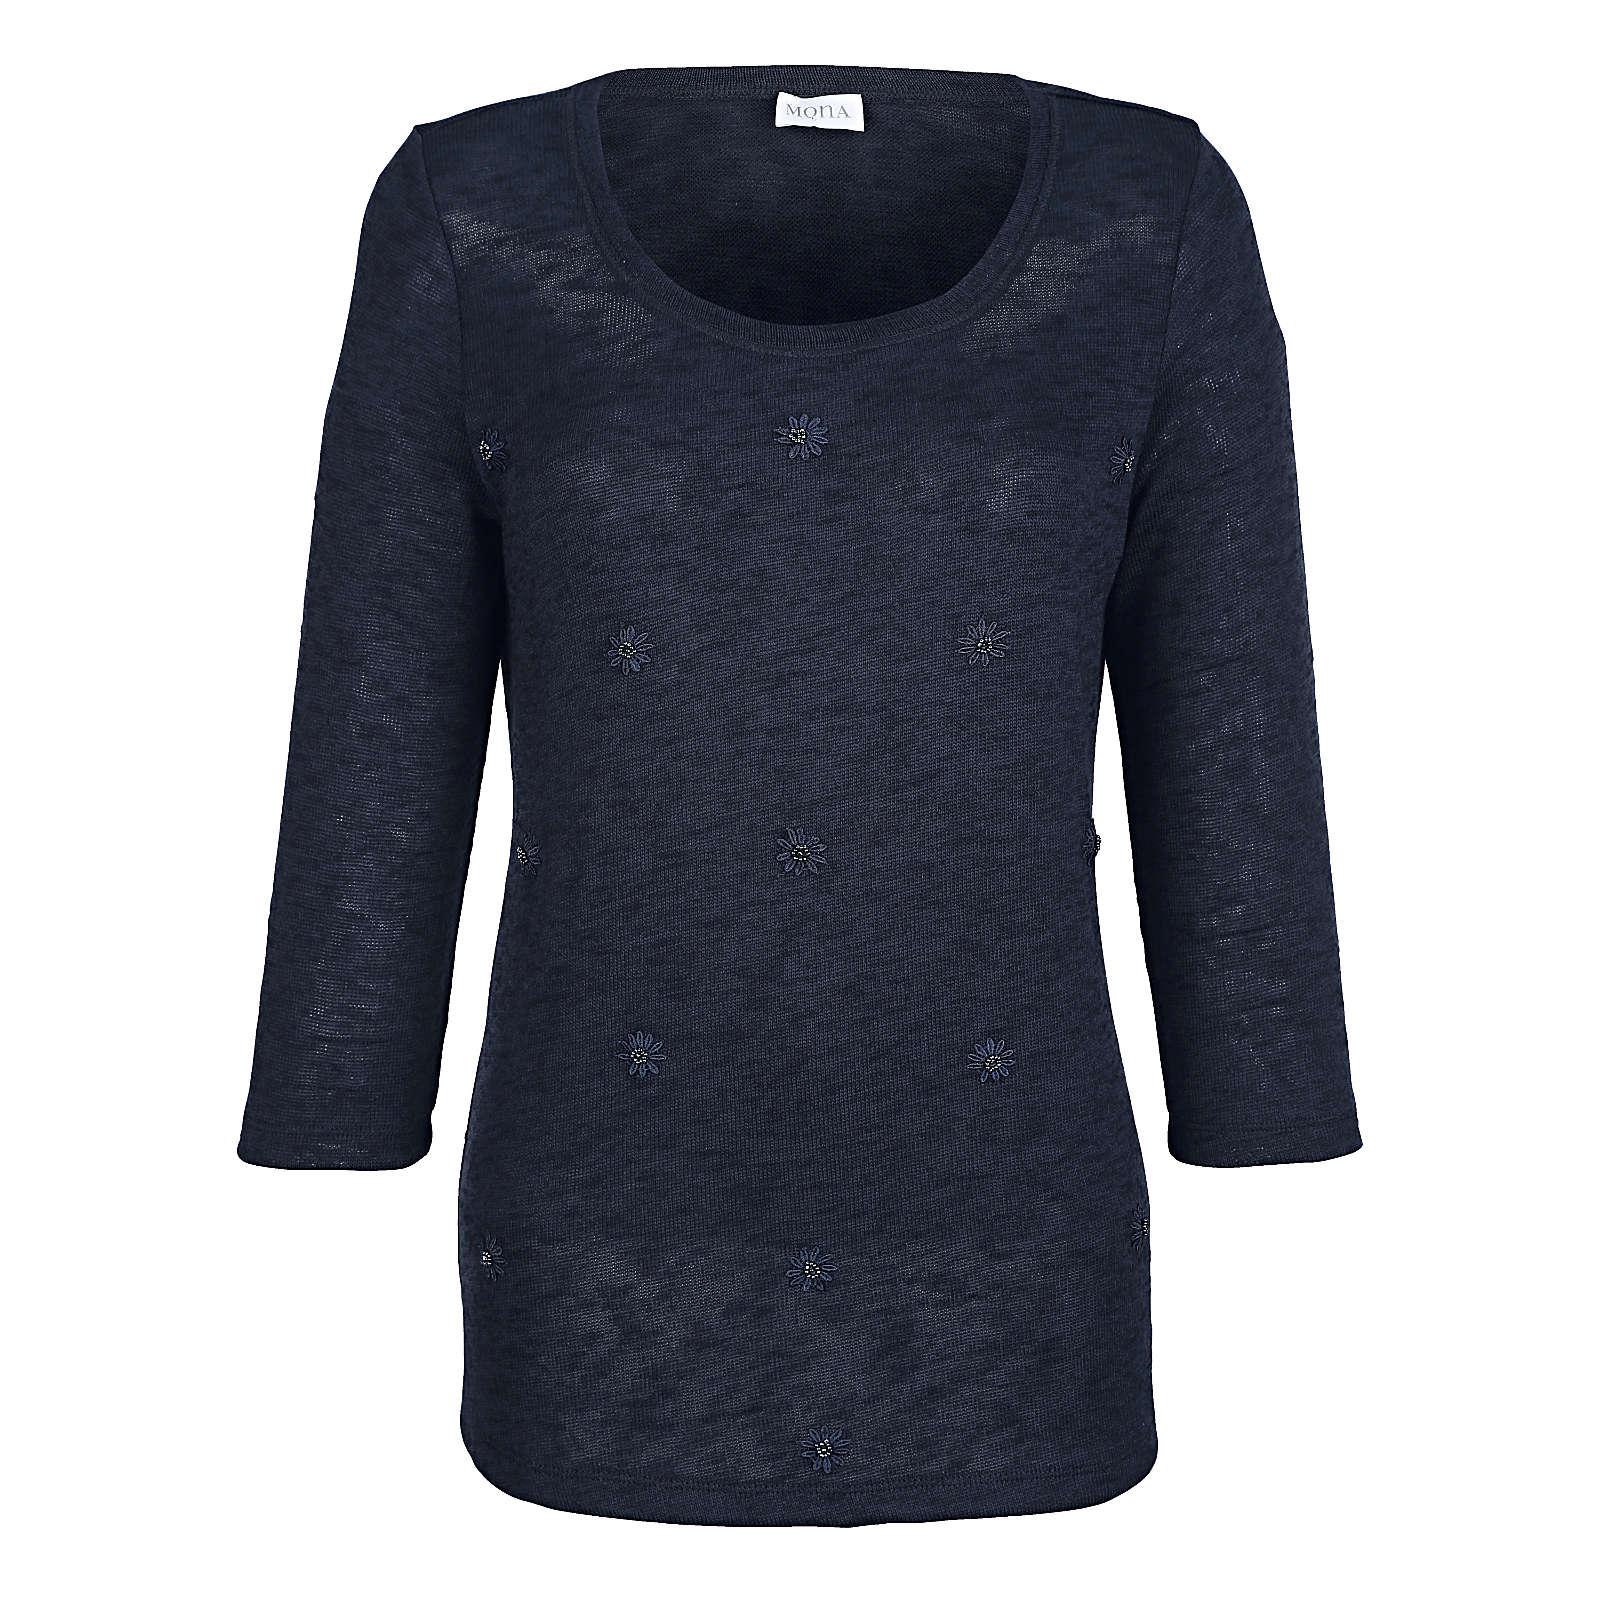 info for c87e6 12f95 ❤ MONA Pullover dunkelblau Damen Gr. 46 - Bekleidung ...